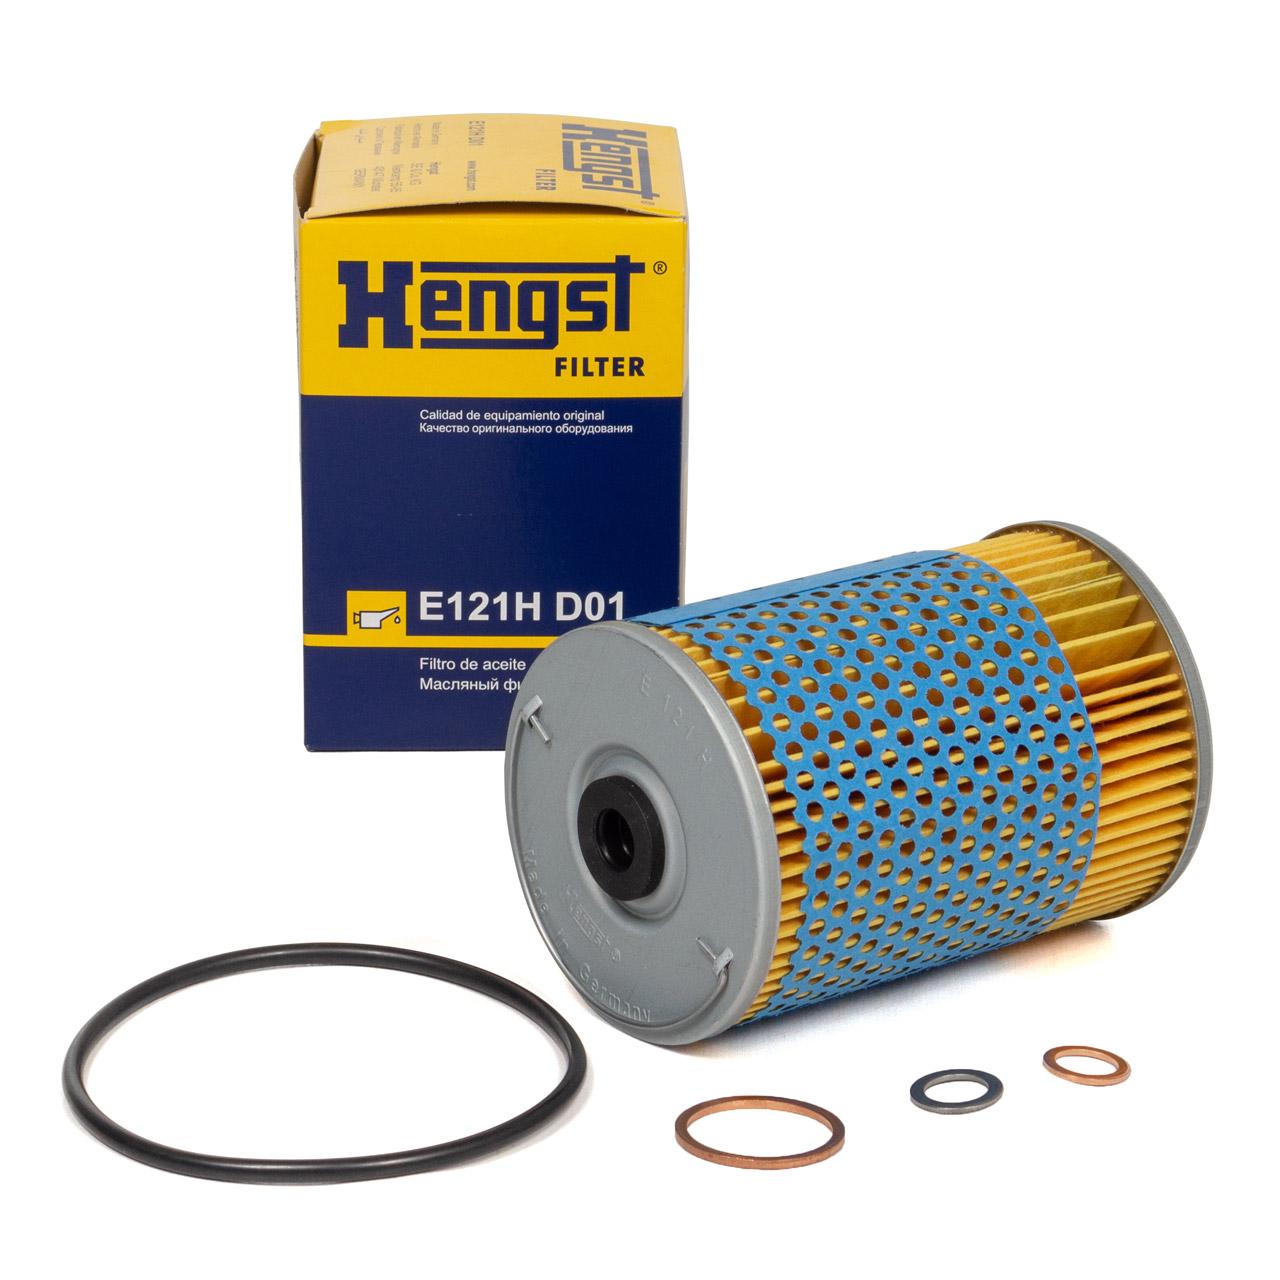 HENGST E121HD01 Ölfilter für MERCEDES /8 W114 W111 W460 W463 W116 W126 W123 uvm.